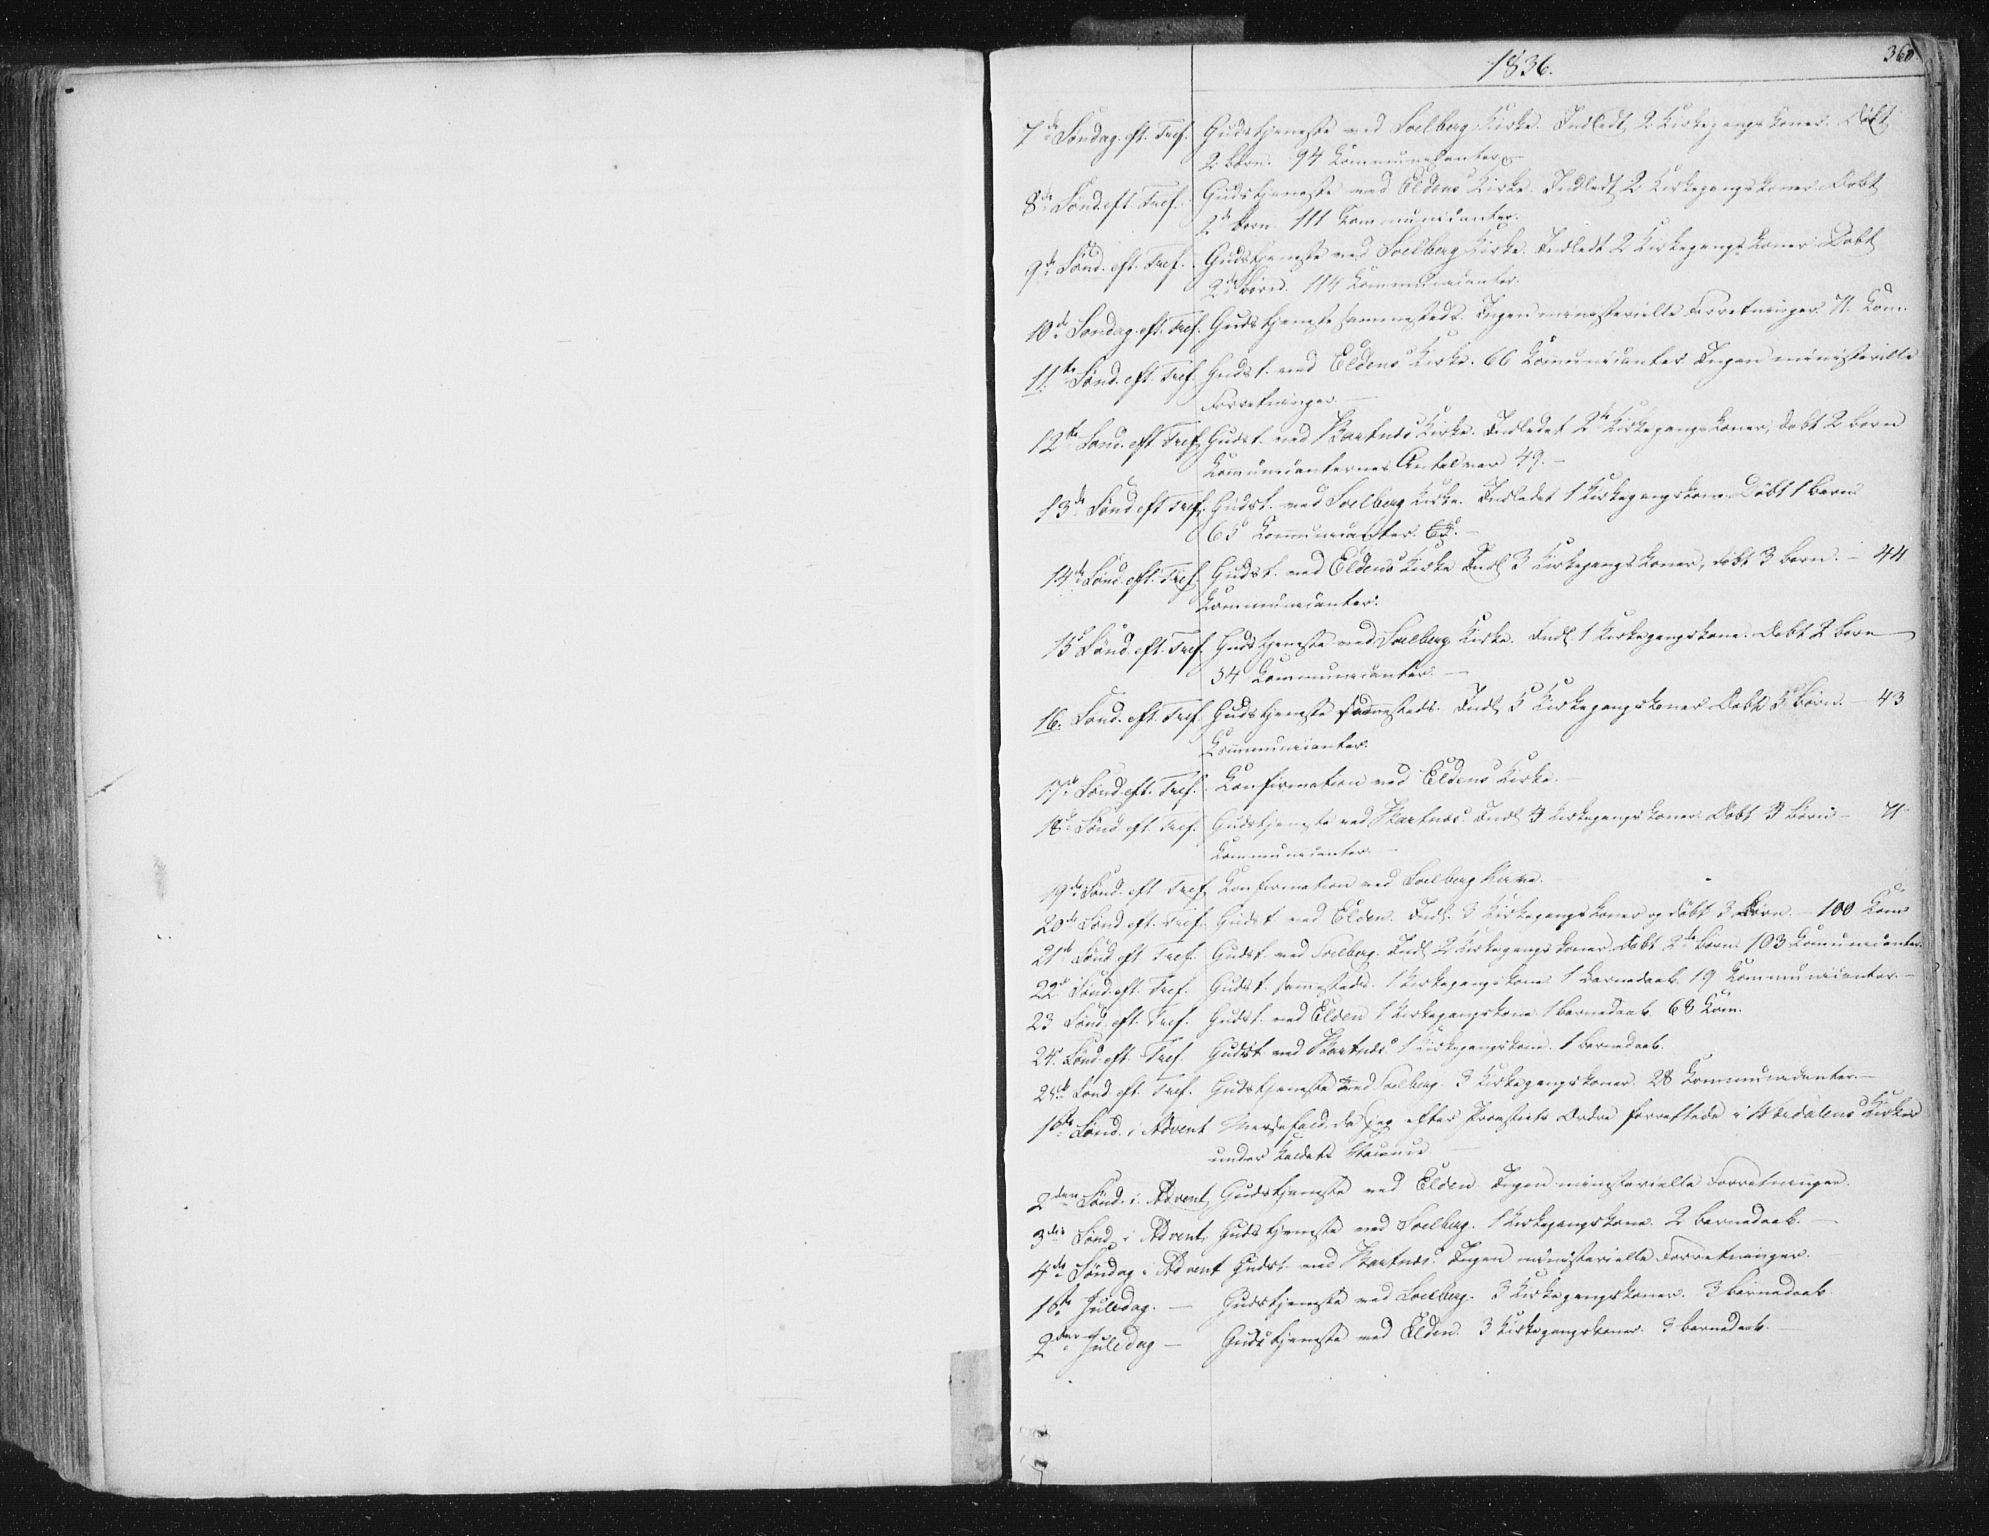 SAT, Ministerialprotokoller, klokkerbøker og fødselsregistre - Nord-Trøndelag, 741/L0392: Ministerialbok nr. 741A06, 1836-1848, s. 360